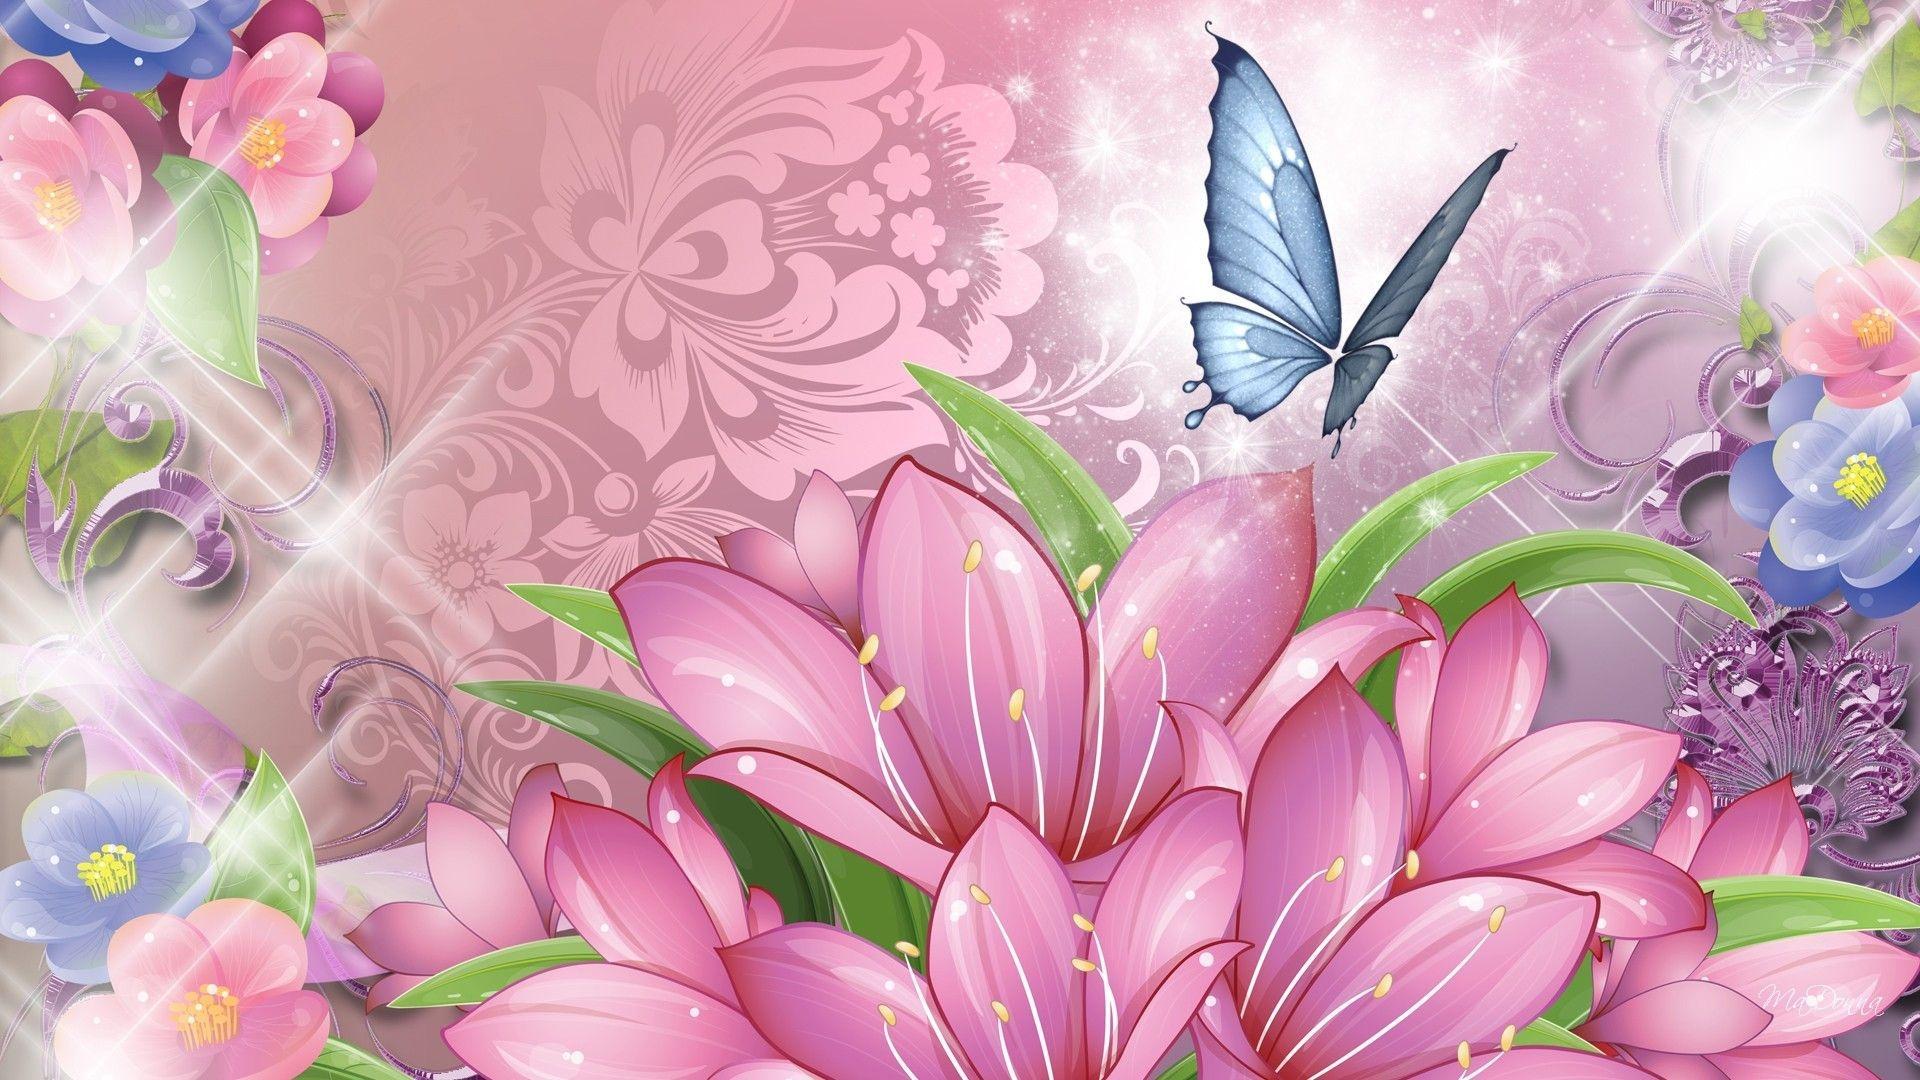 Butterfly free wallpaper